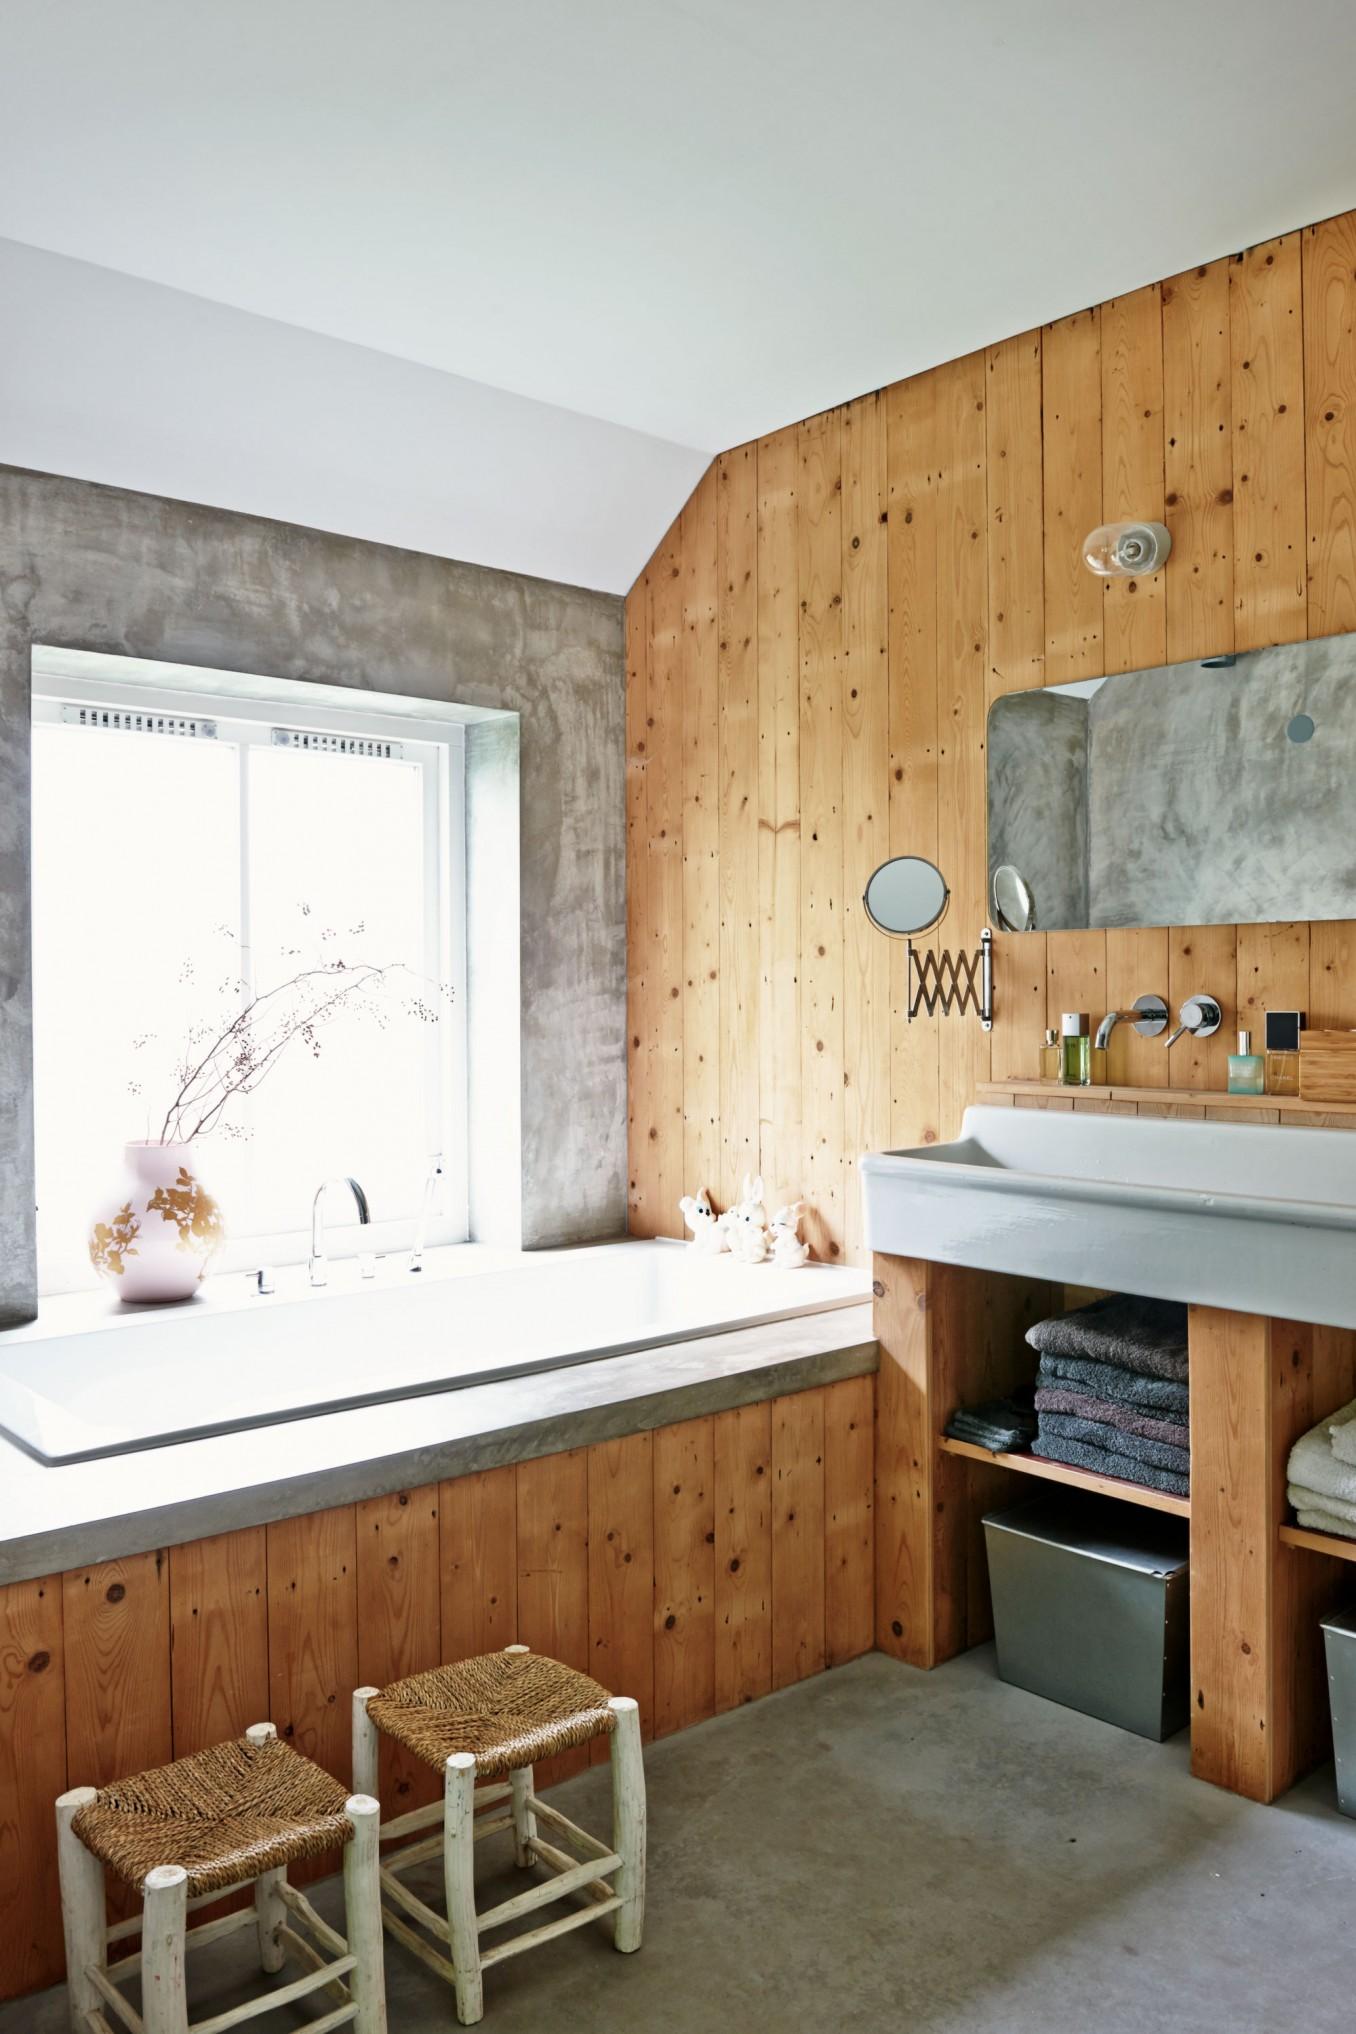 Badkamer van verbouwde stadsboerderij homease - Badkamer hout ...